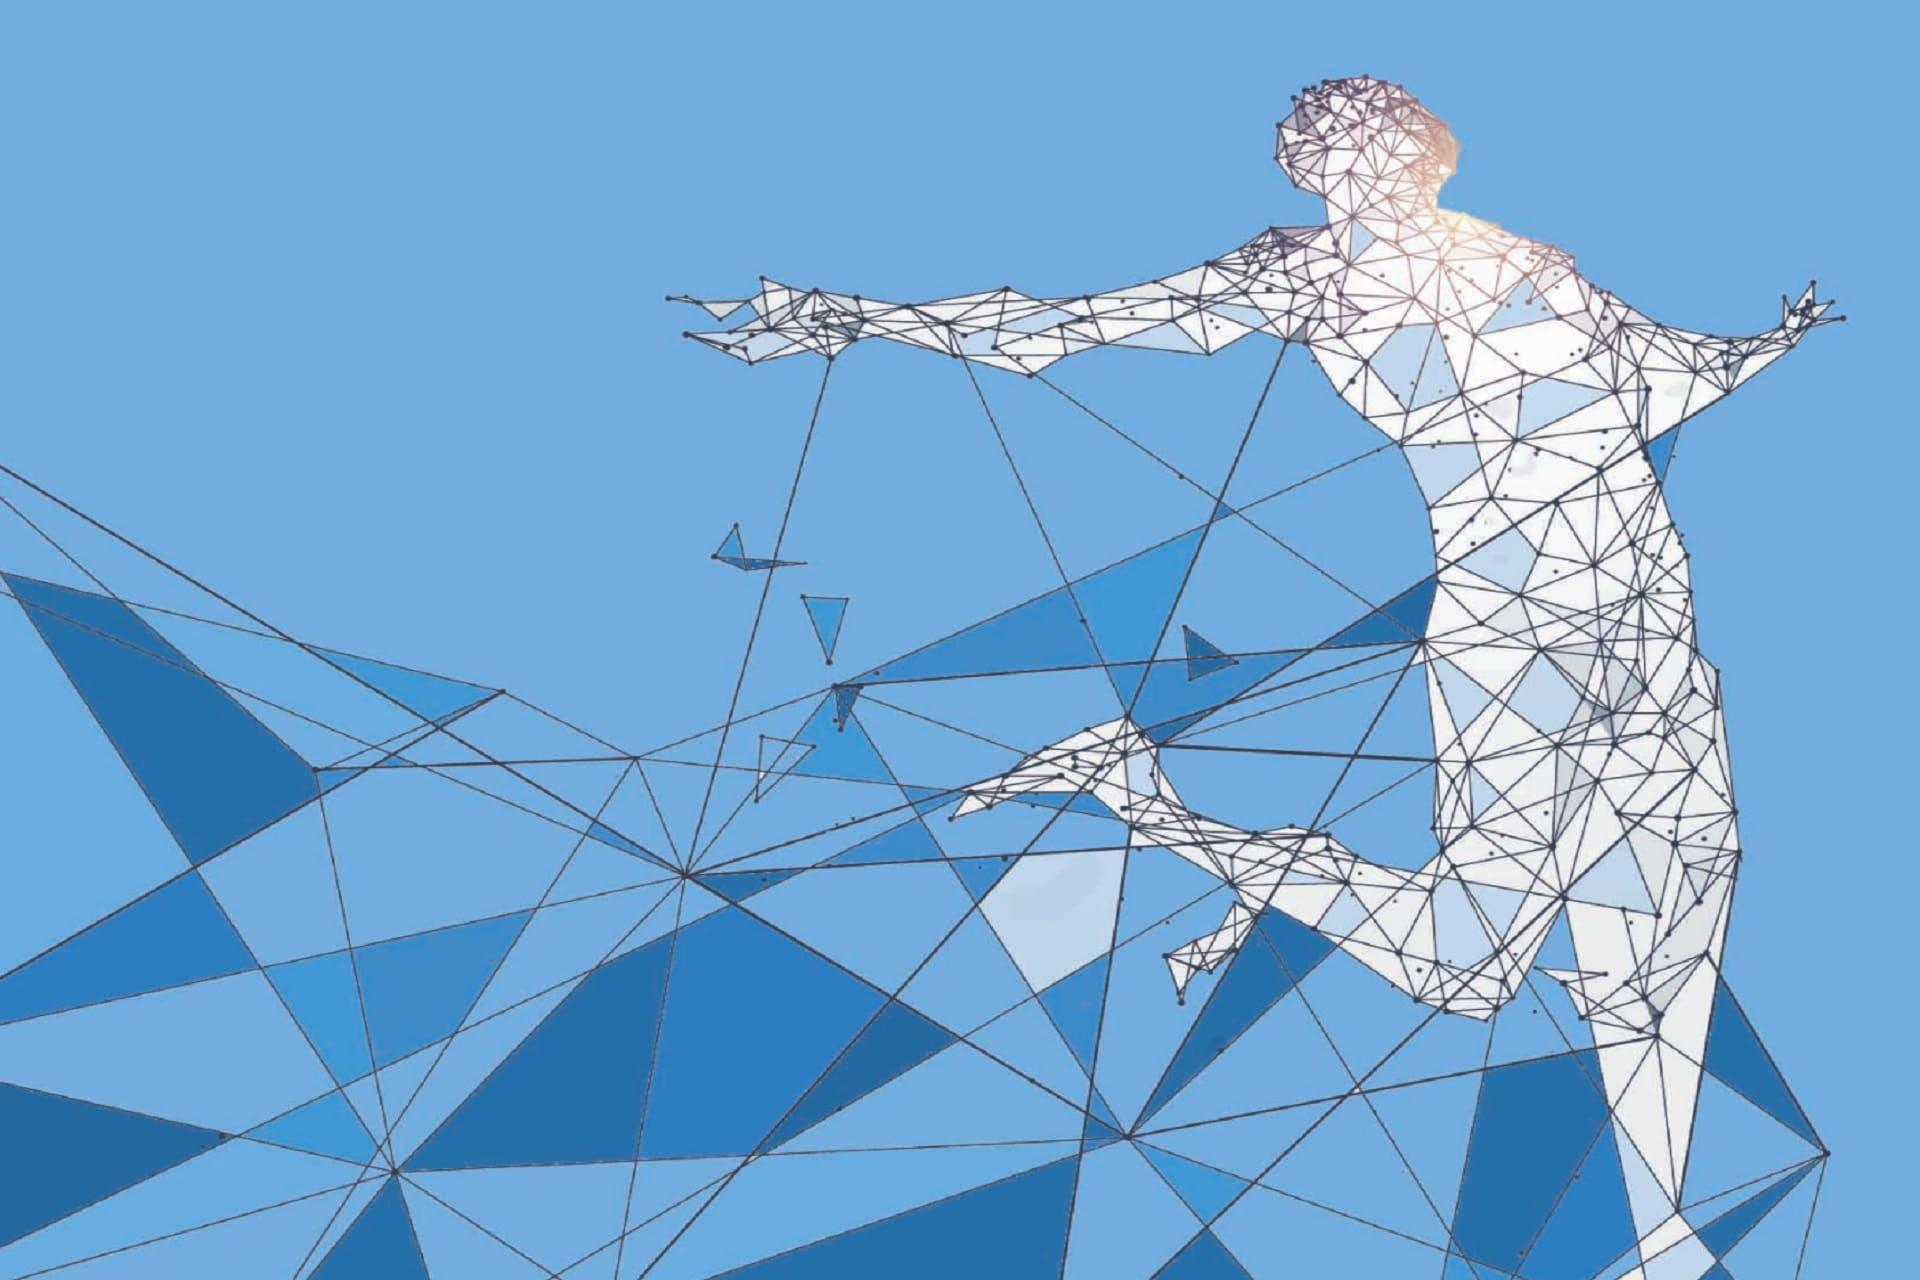 t2informatik Blog: Der Digitale Humanist